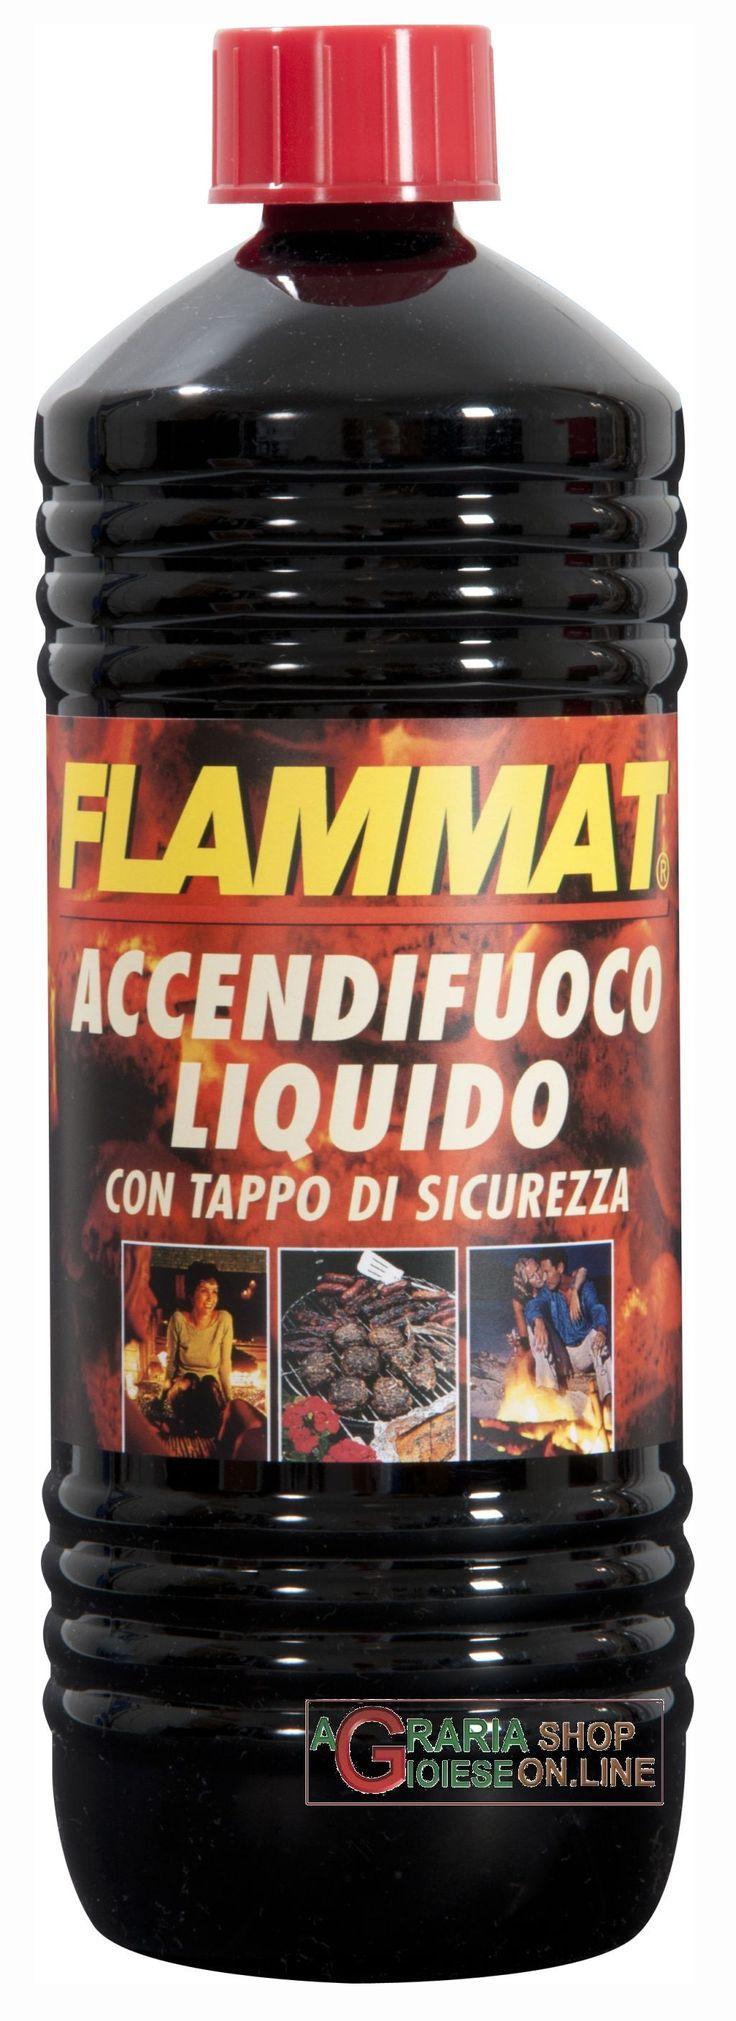 WUNDERBLITZ ACCENDIFUOCO LIQUIDO LT. 1 http://www.decariashop.it/accessori-per-barbecue/19991-wunderblitz-accendifuoco-liquido-lt-1-4004157196100.html